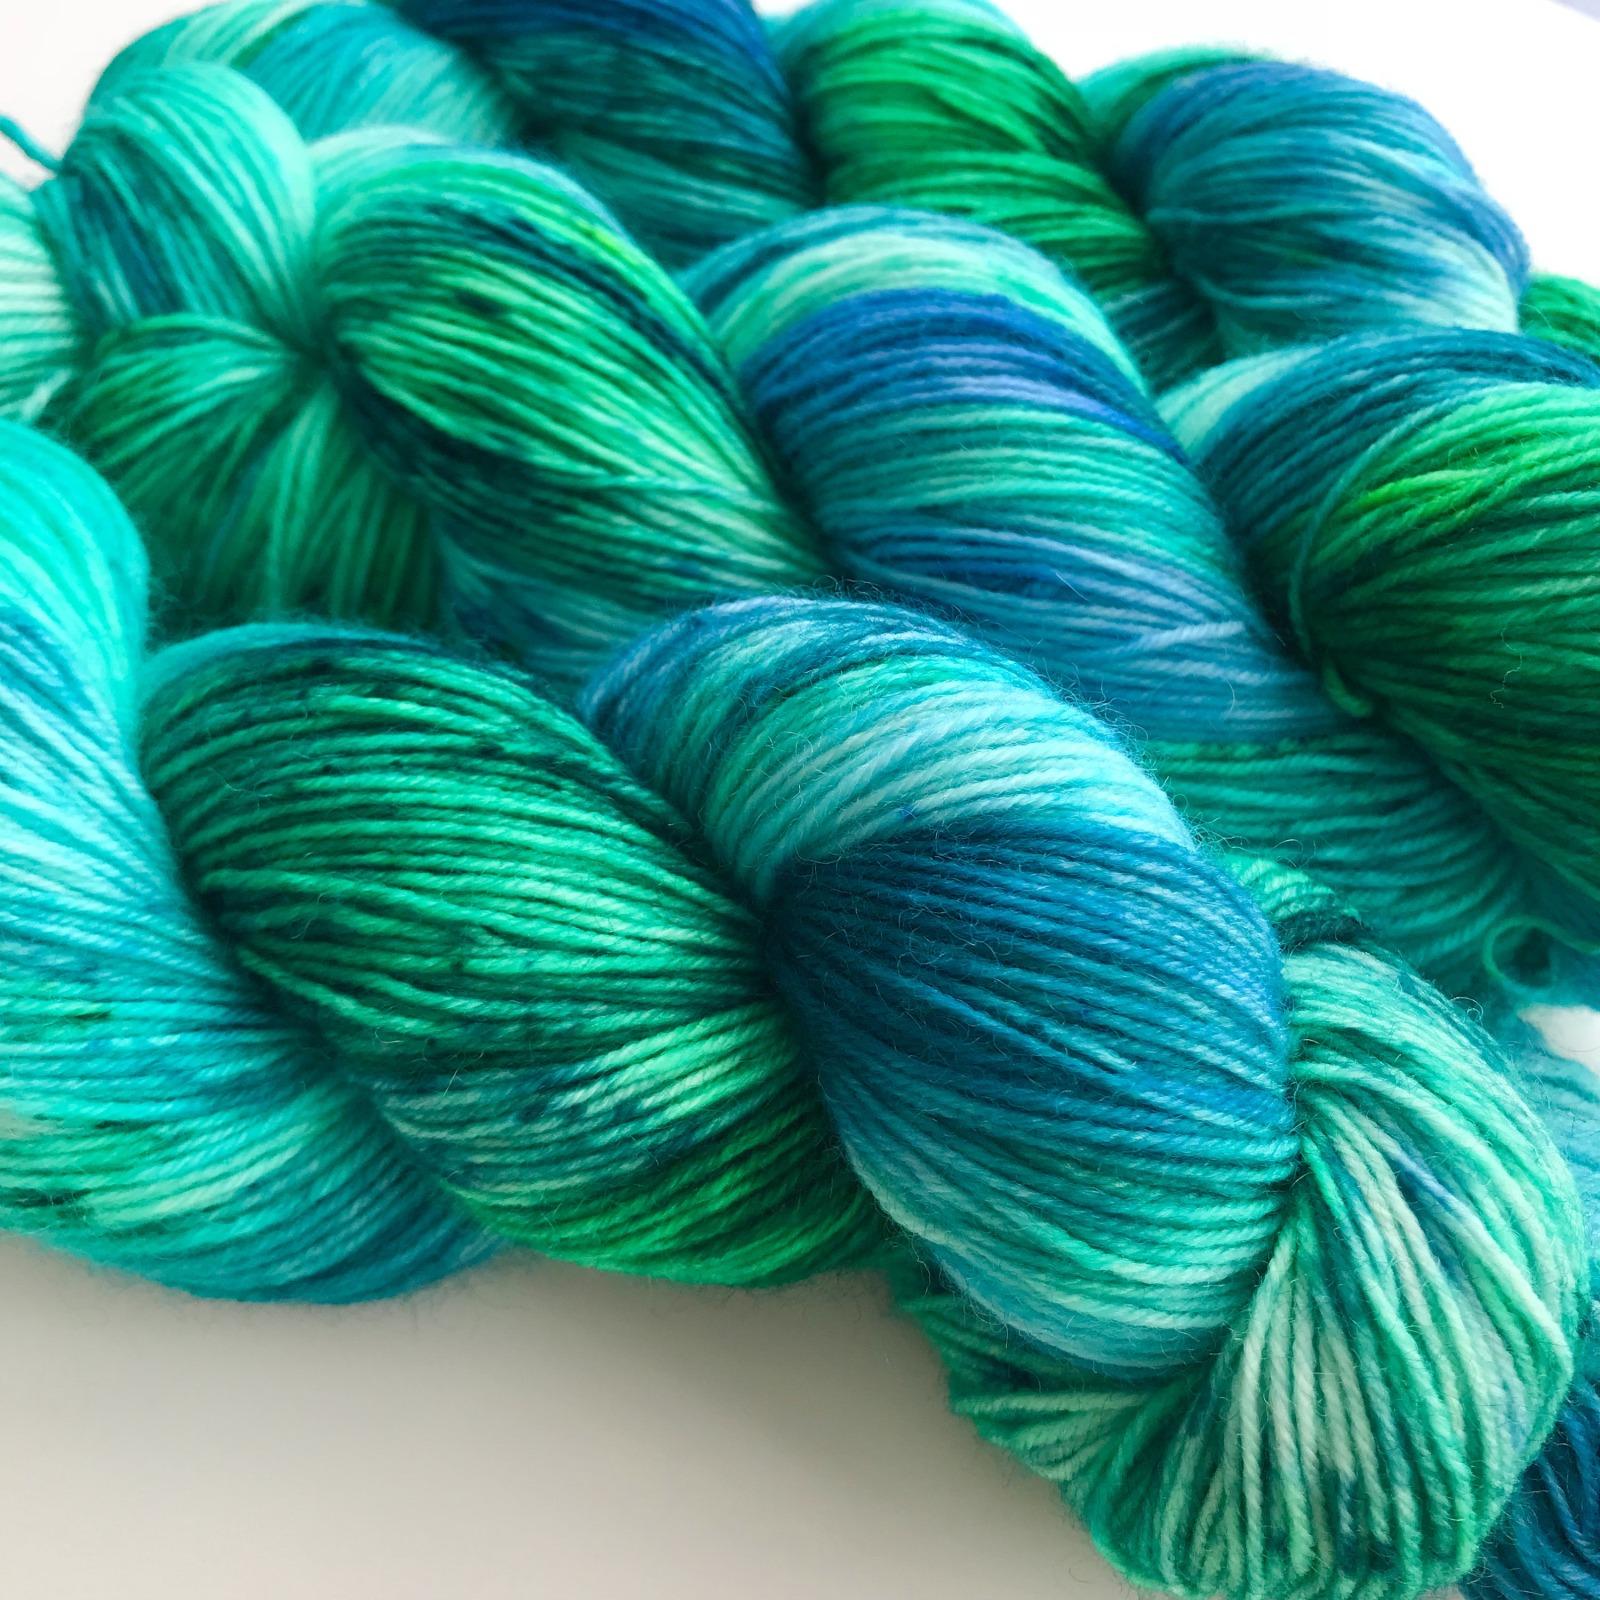 OCEAN BREEZE - handgefärbte Sockenwolle 2